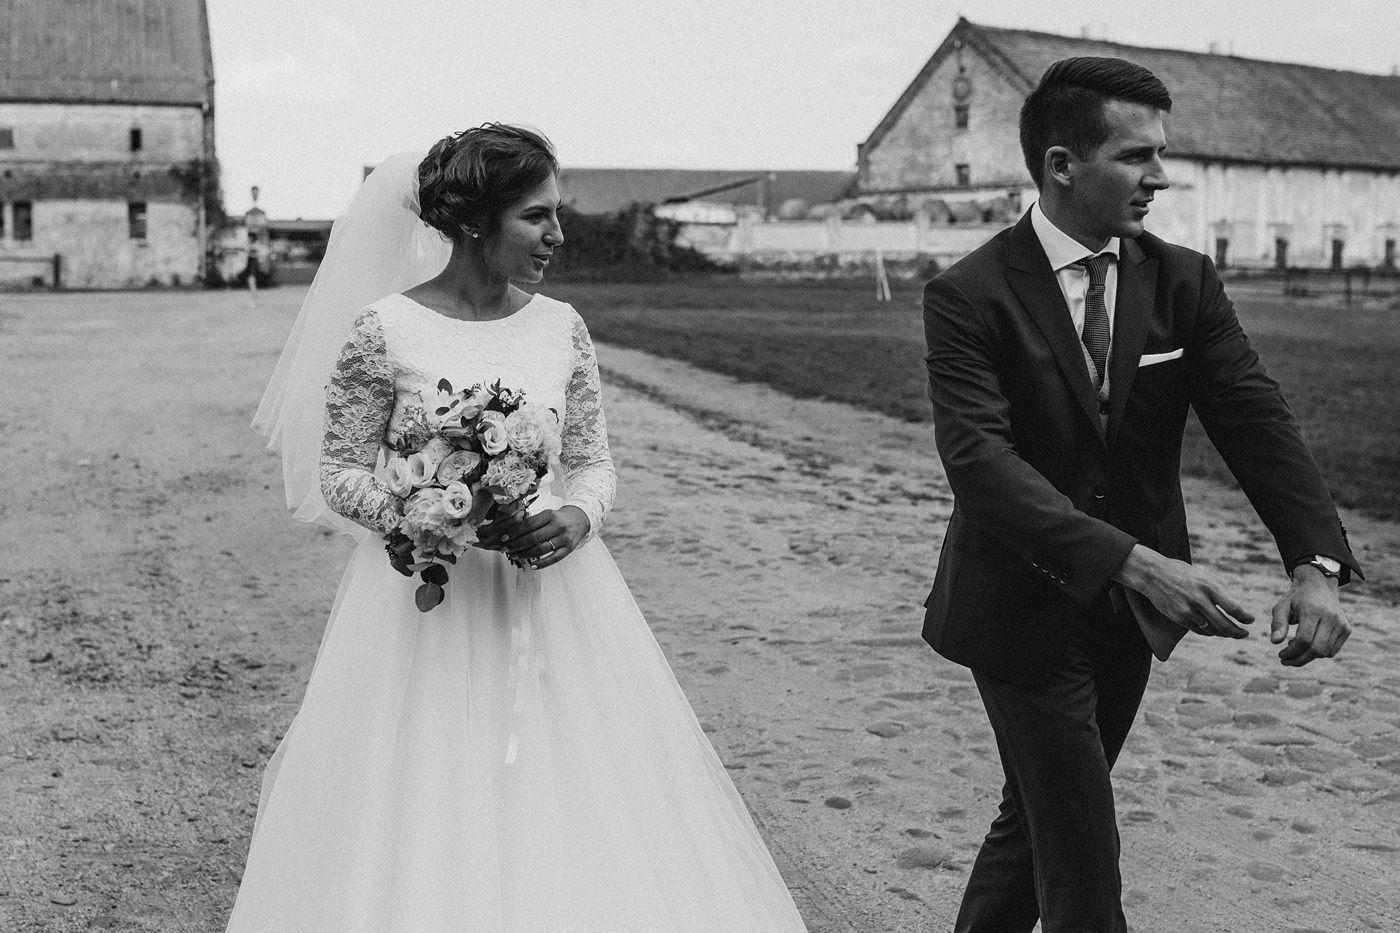 Dominika & Aleksander - Rustykalne wesele w stodole - Baborówko 77